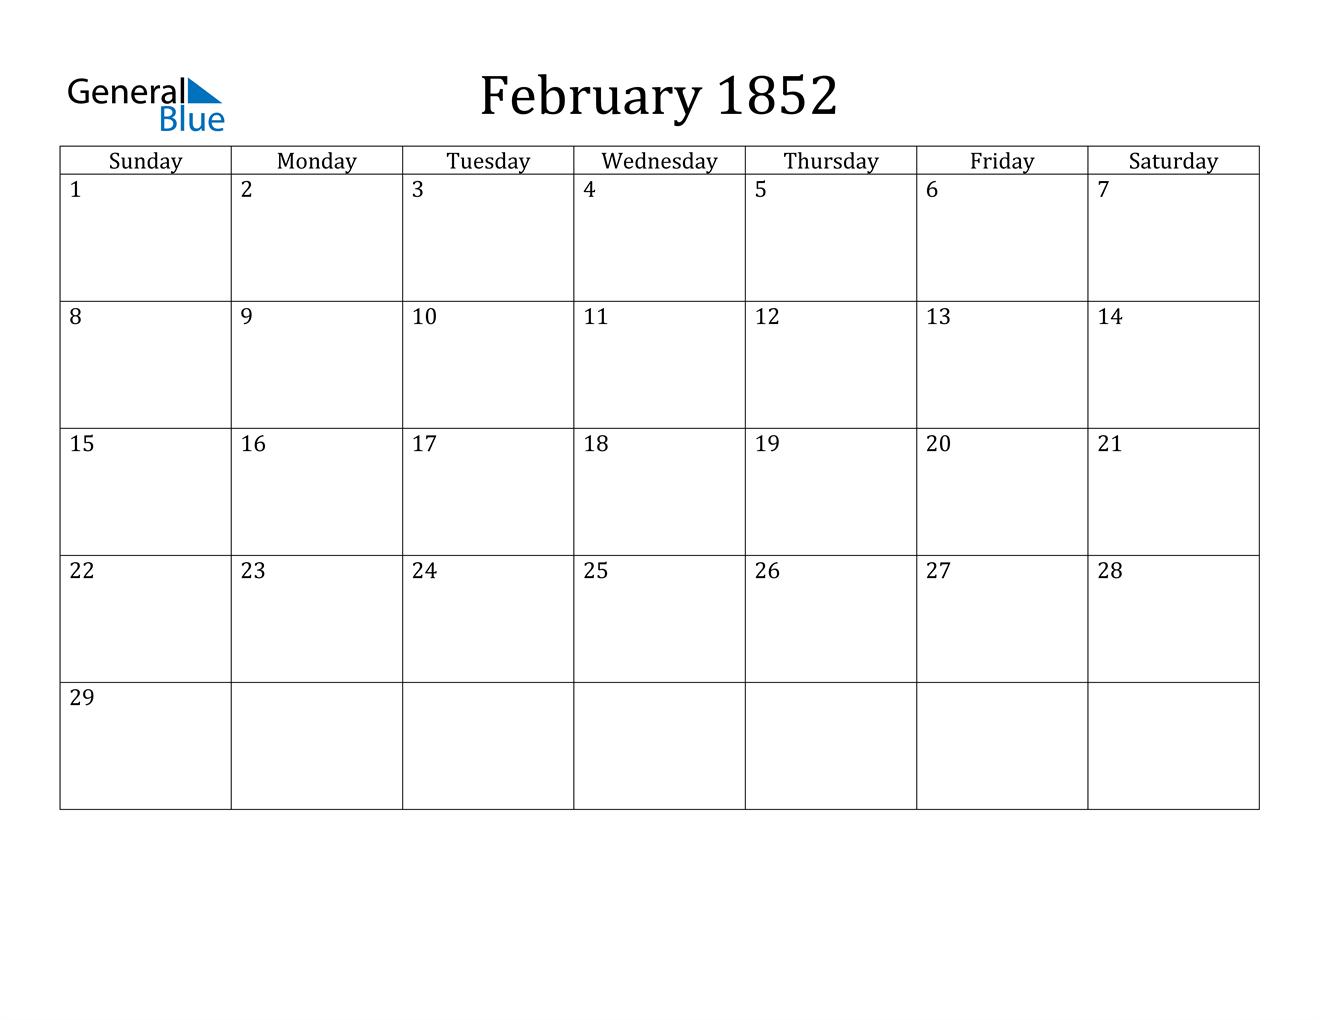 Image of February 1852 Calendar